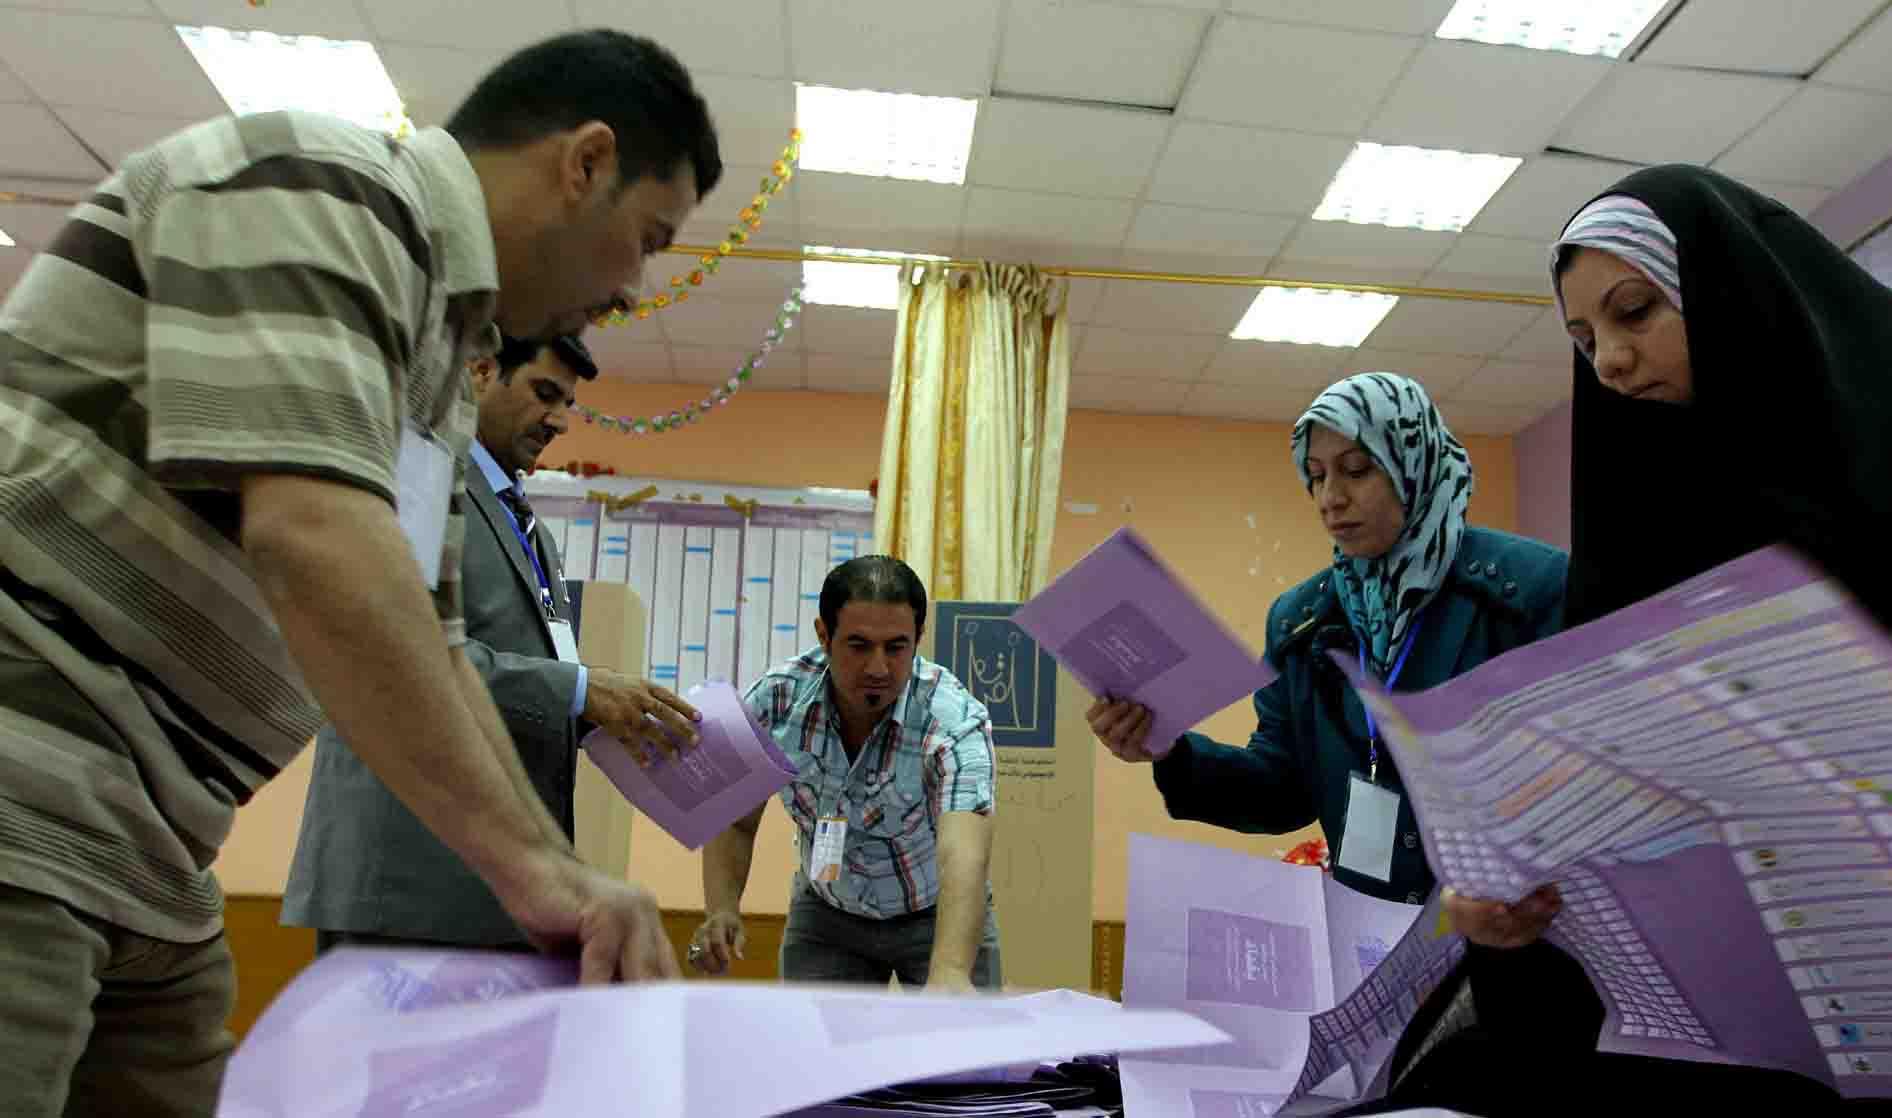 محللون وقانونيون: مفوضية الانتخابات تصطدم بآلية تشكيل مفاصلها وبعثة الأمم تشكك